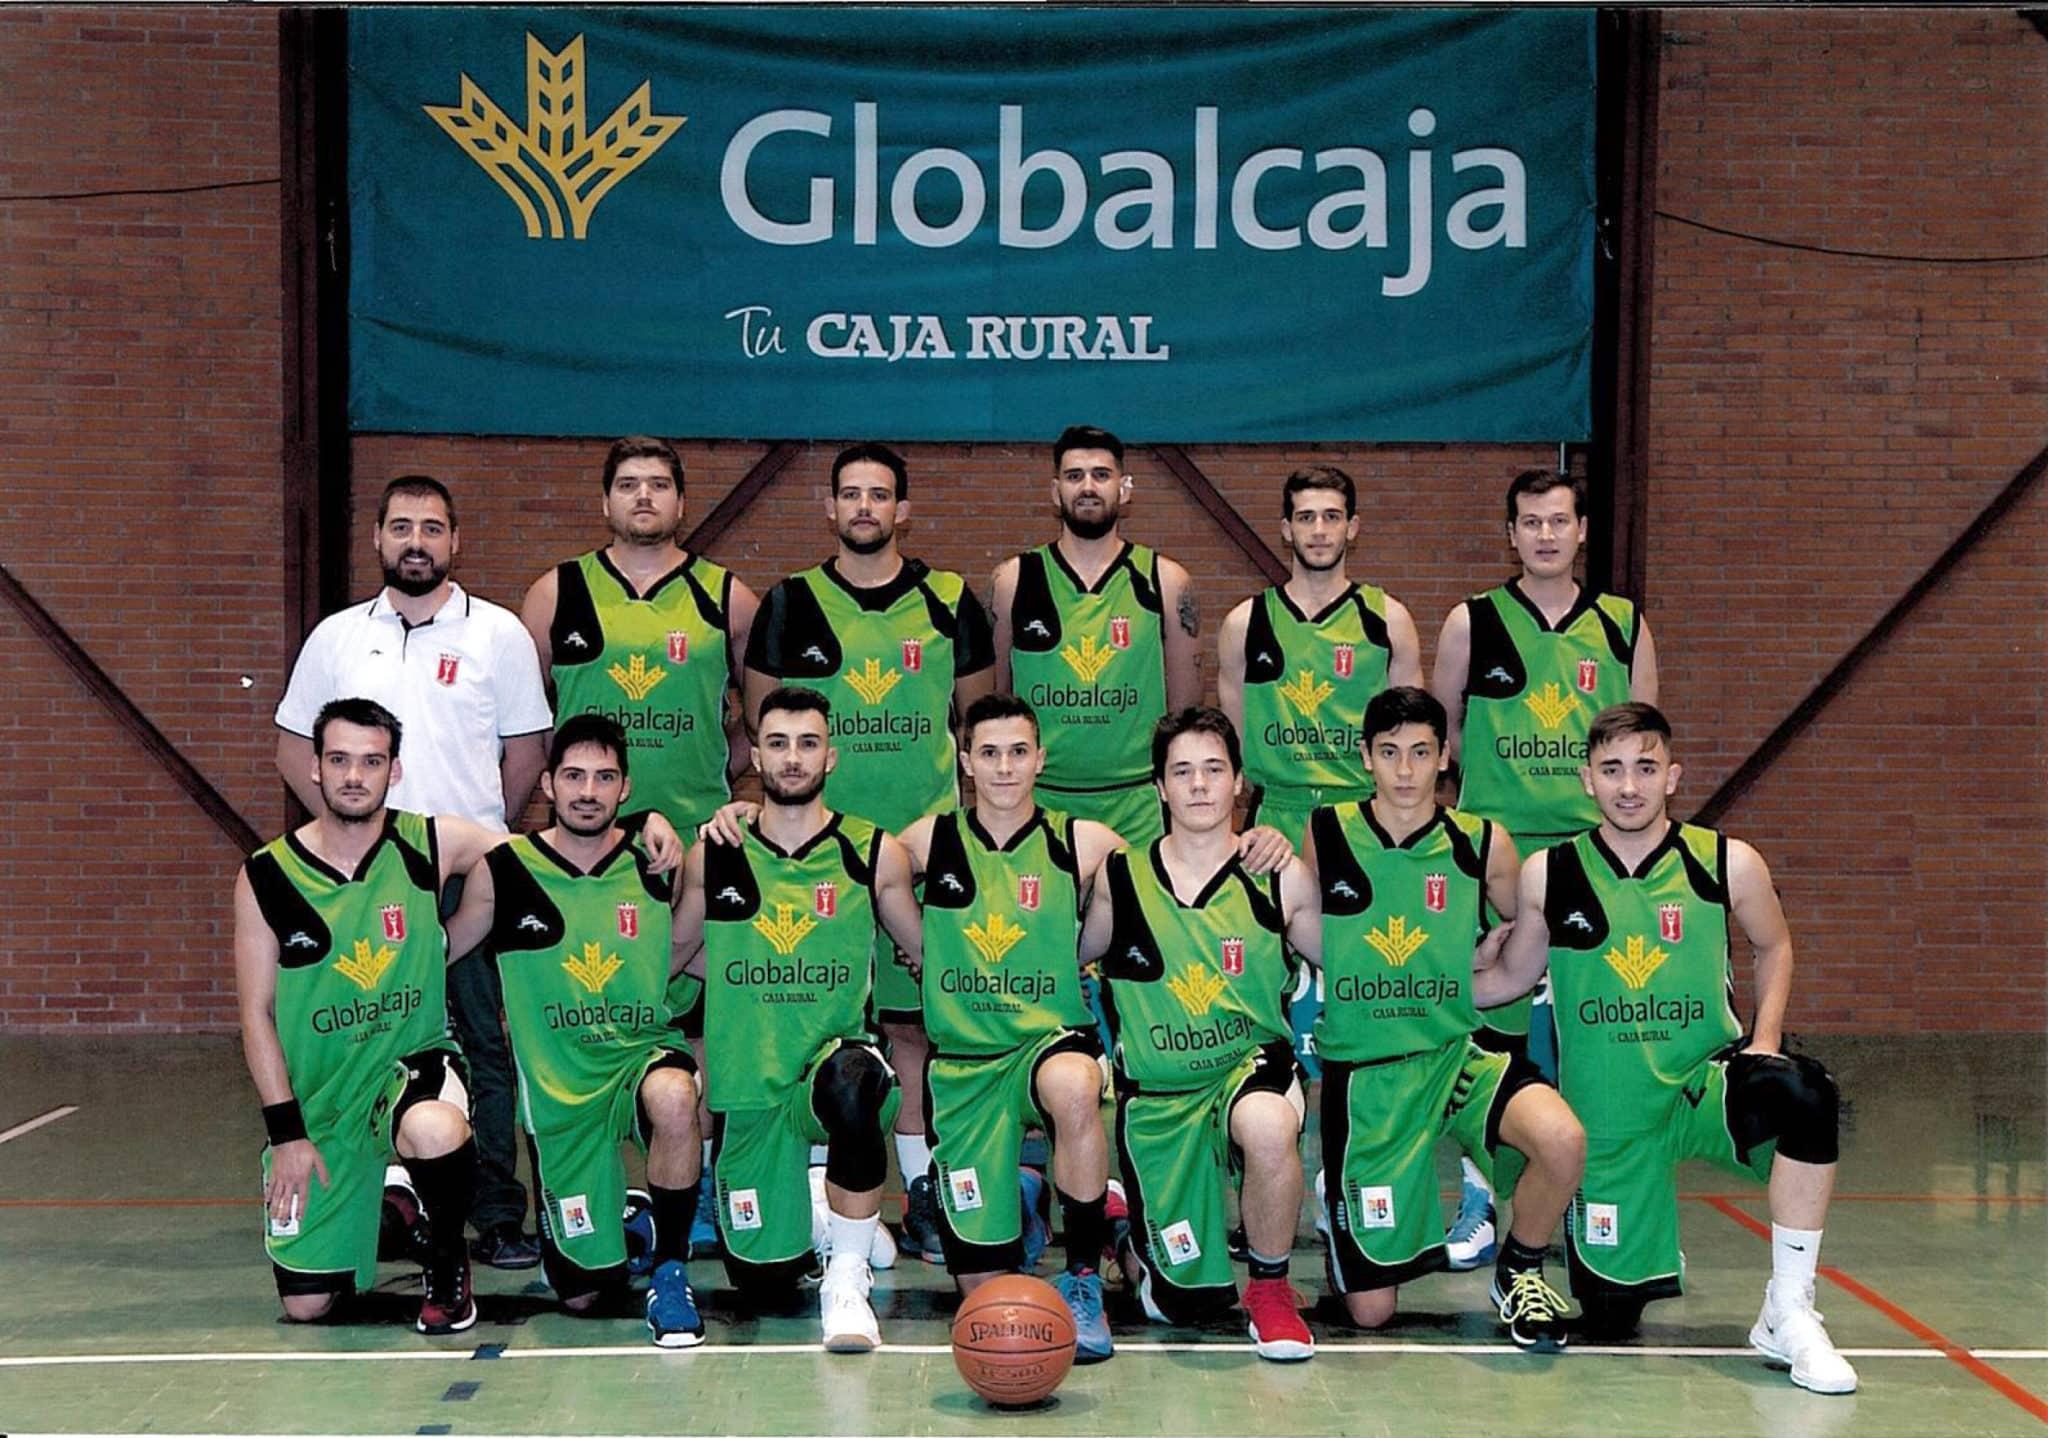 Renovado el Convenio de Colaboración entre Globalcaja y el Club Baloncesto Cuenca